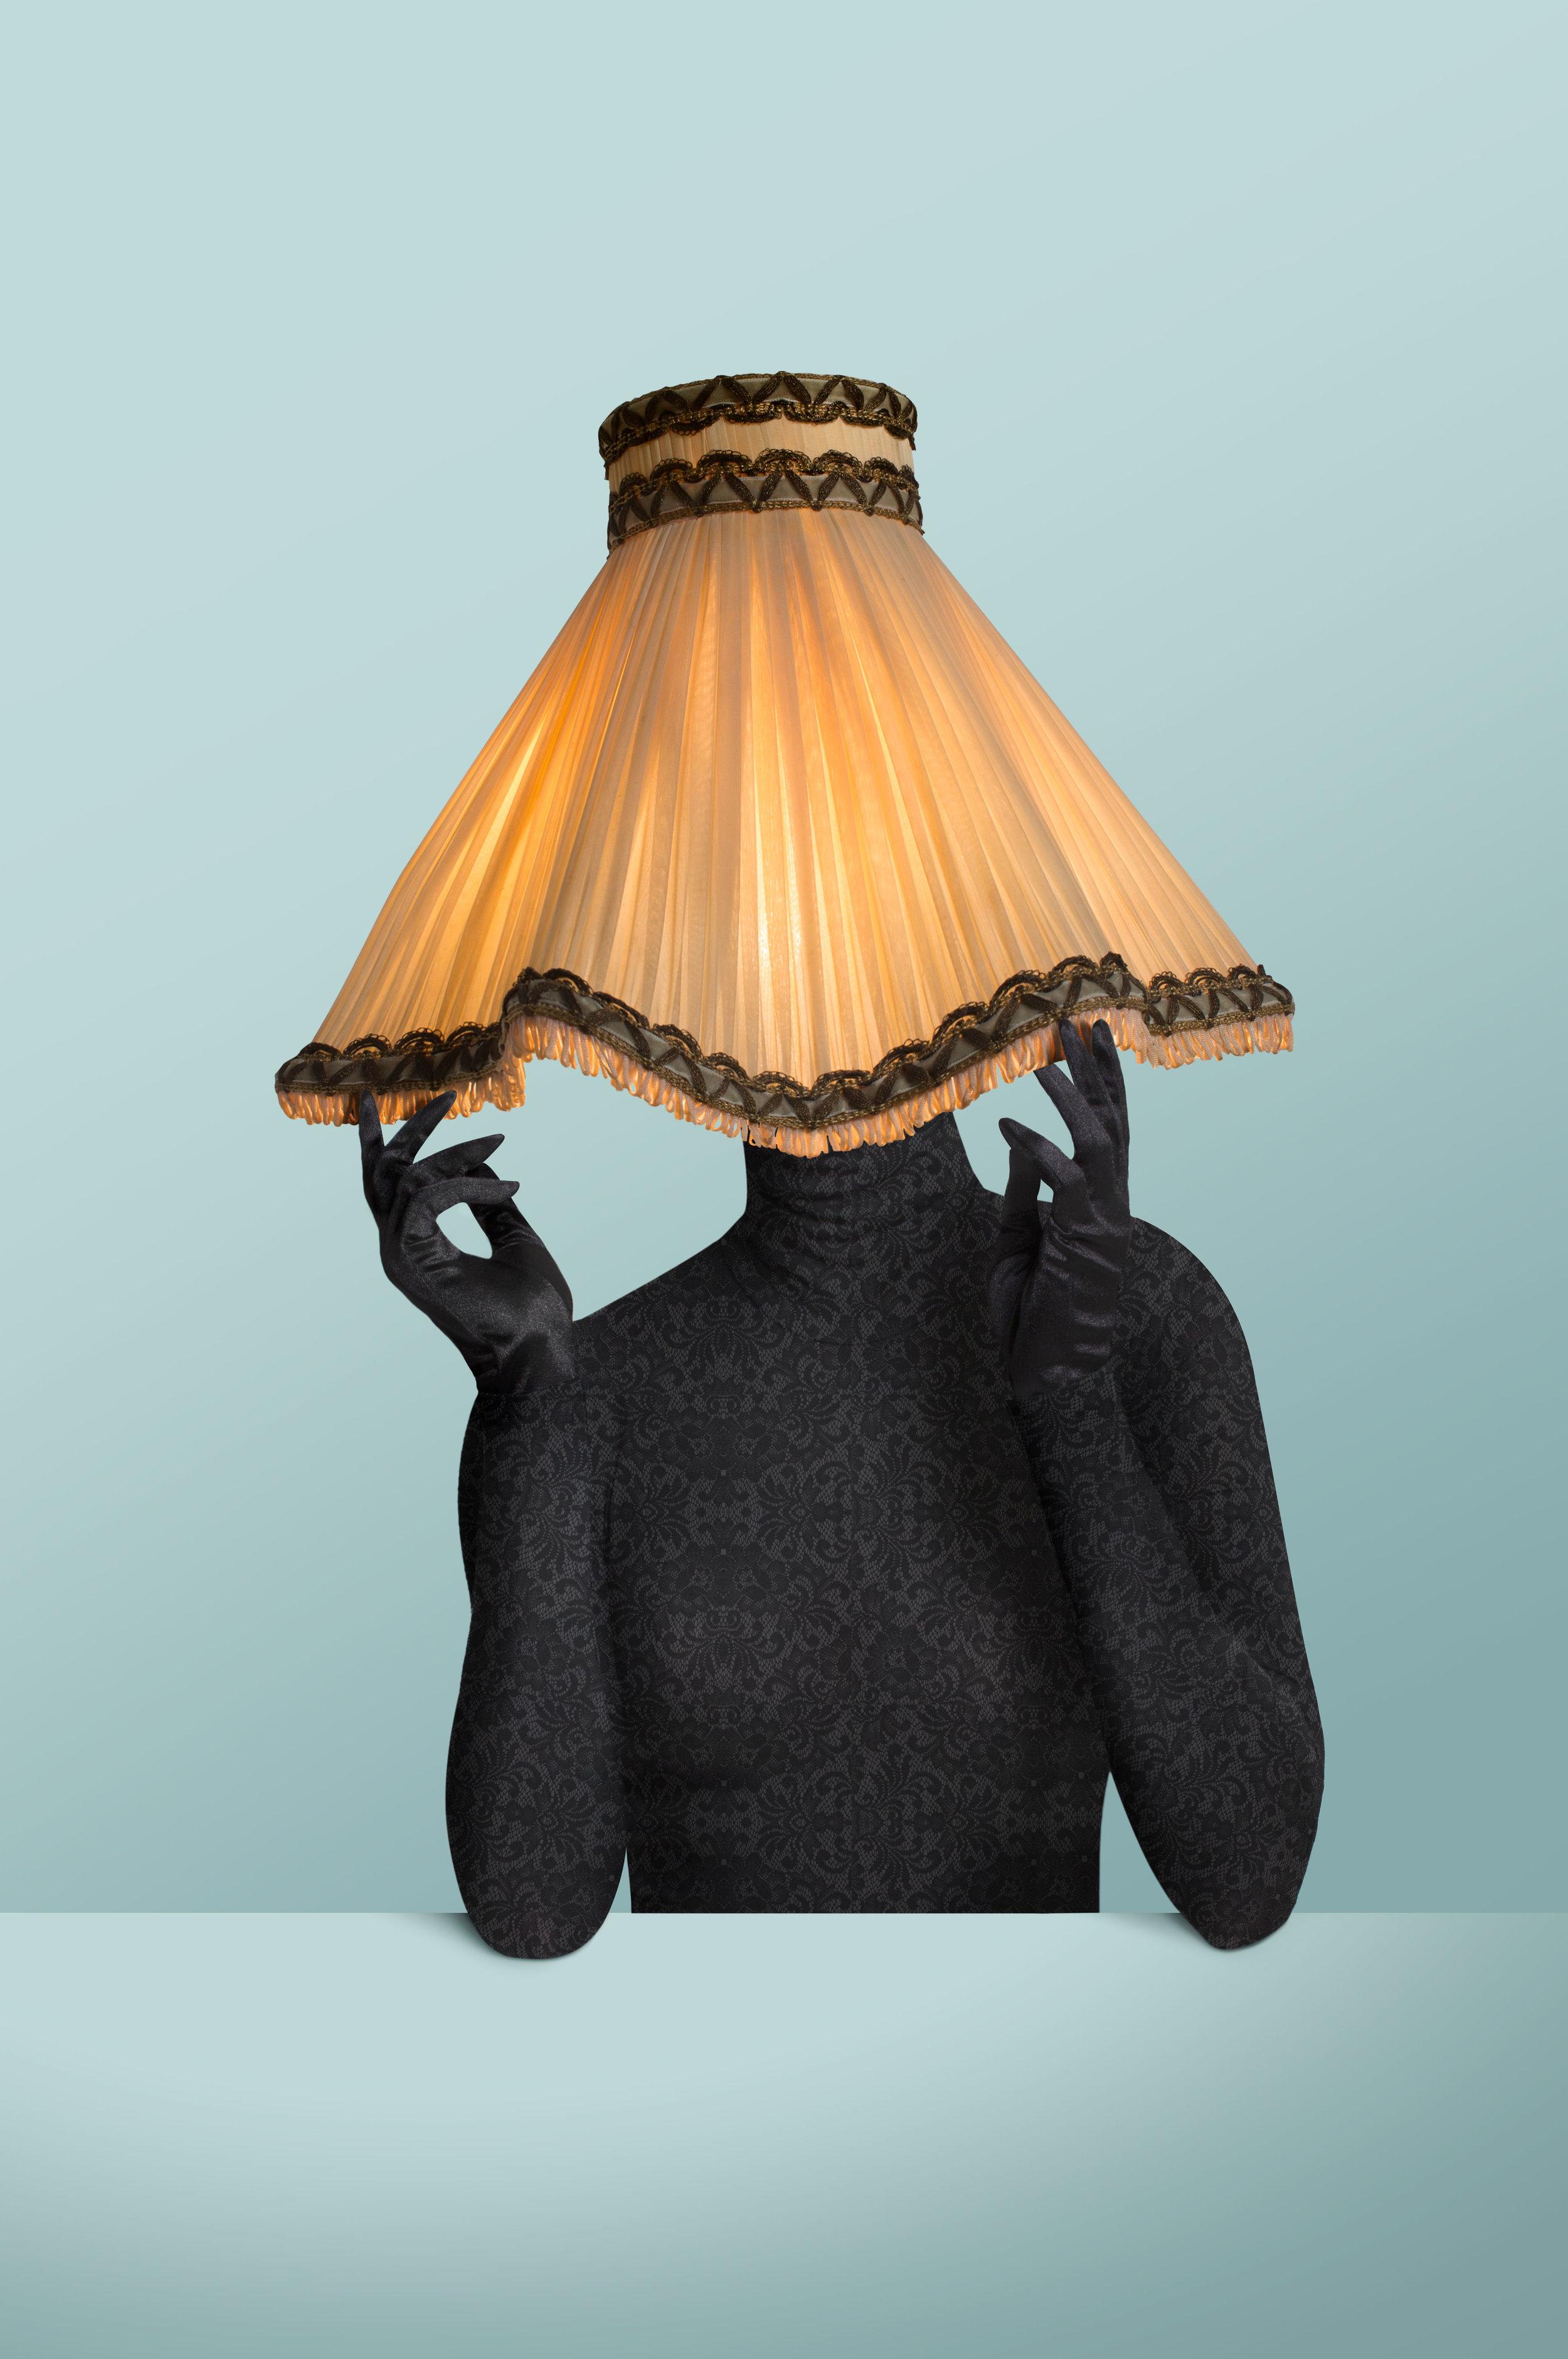 Lampshades - Gary Bryan